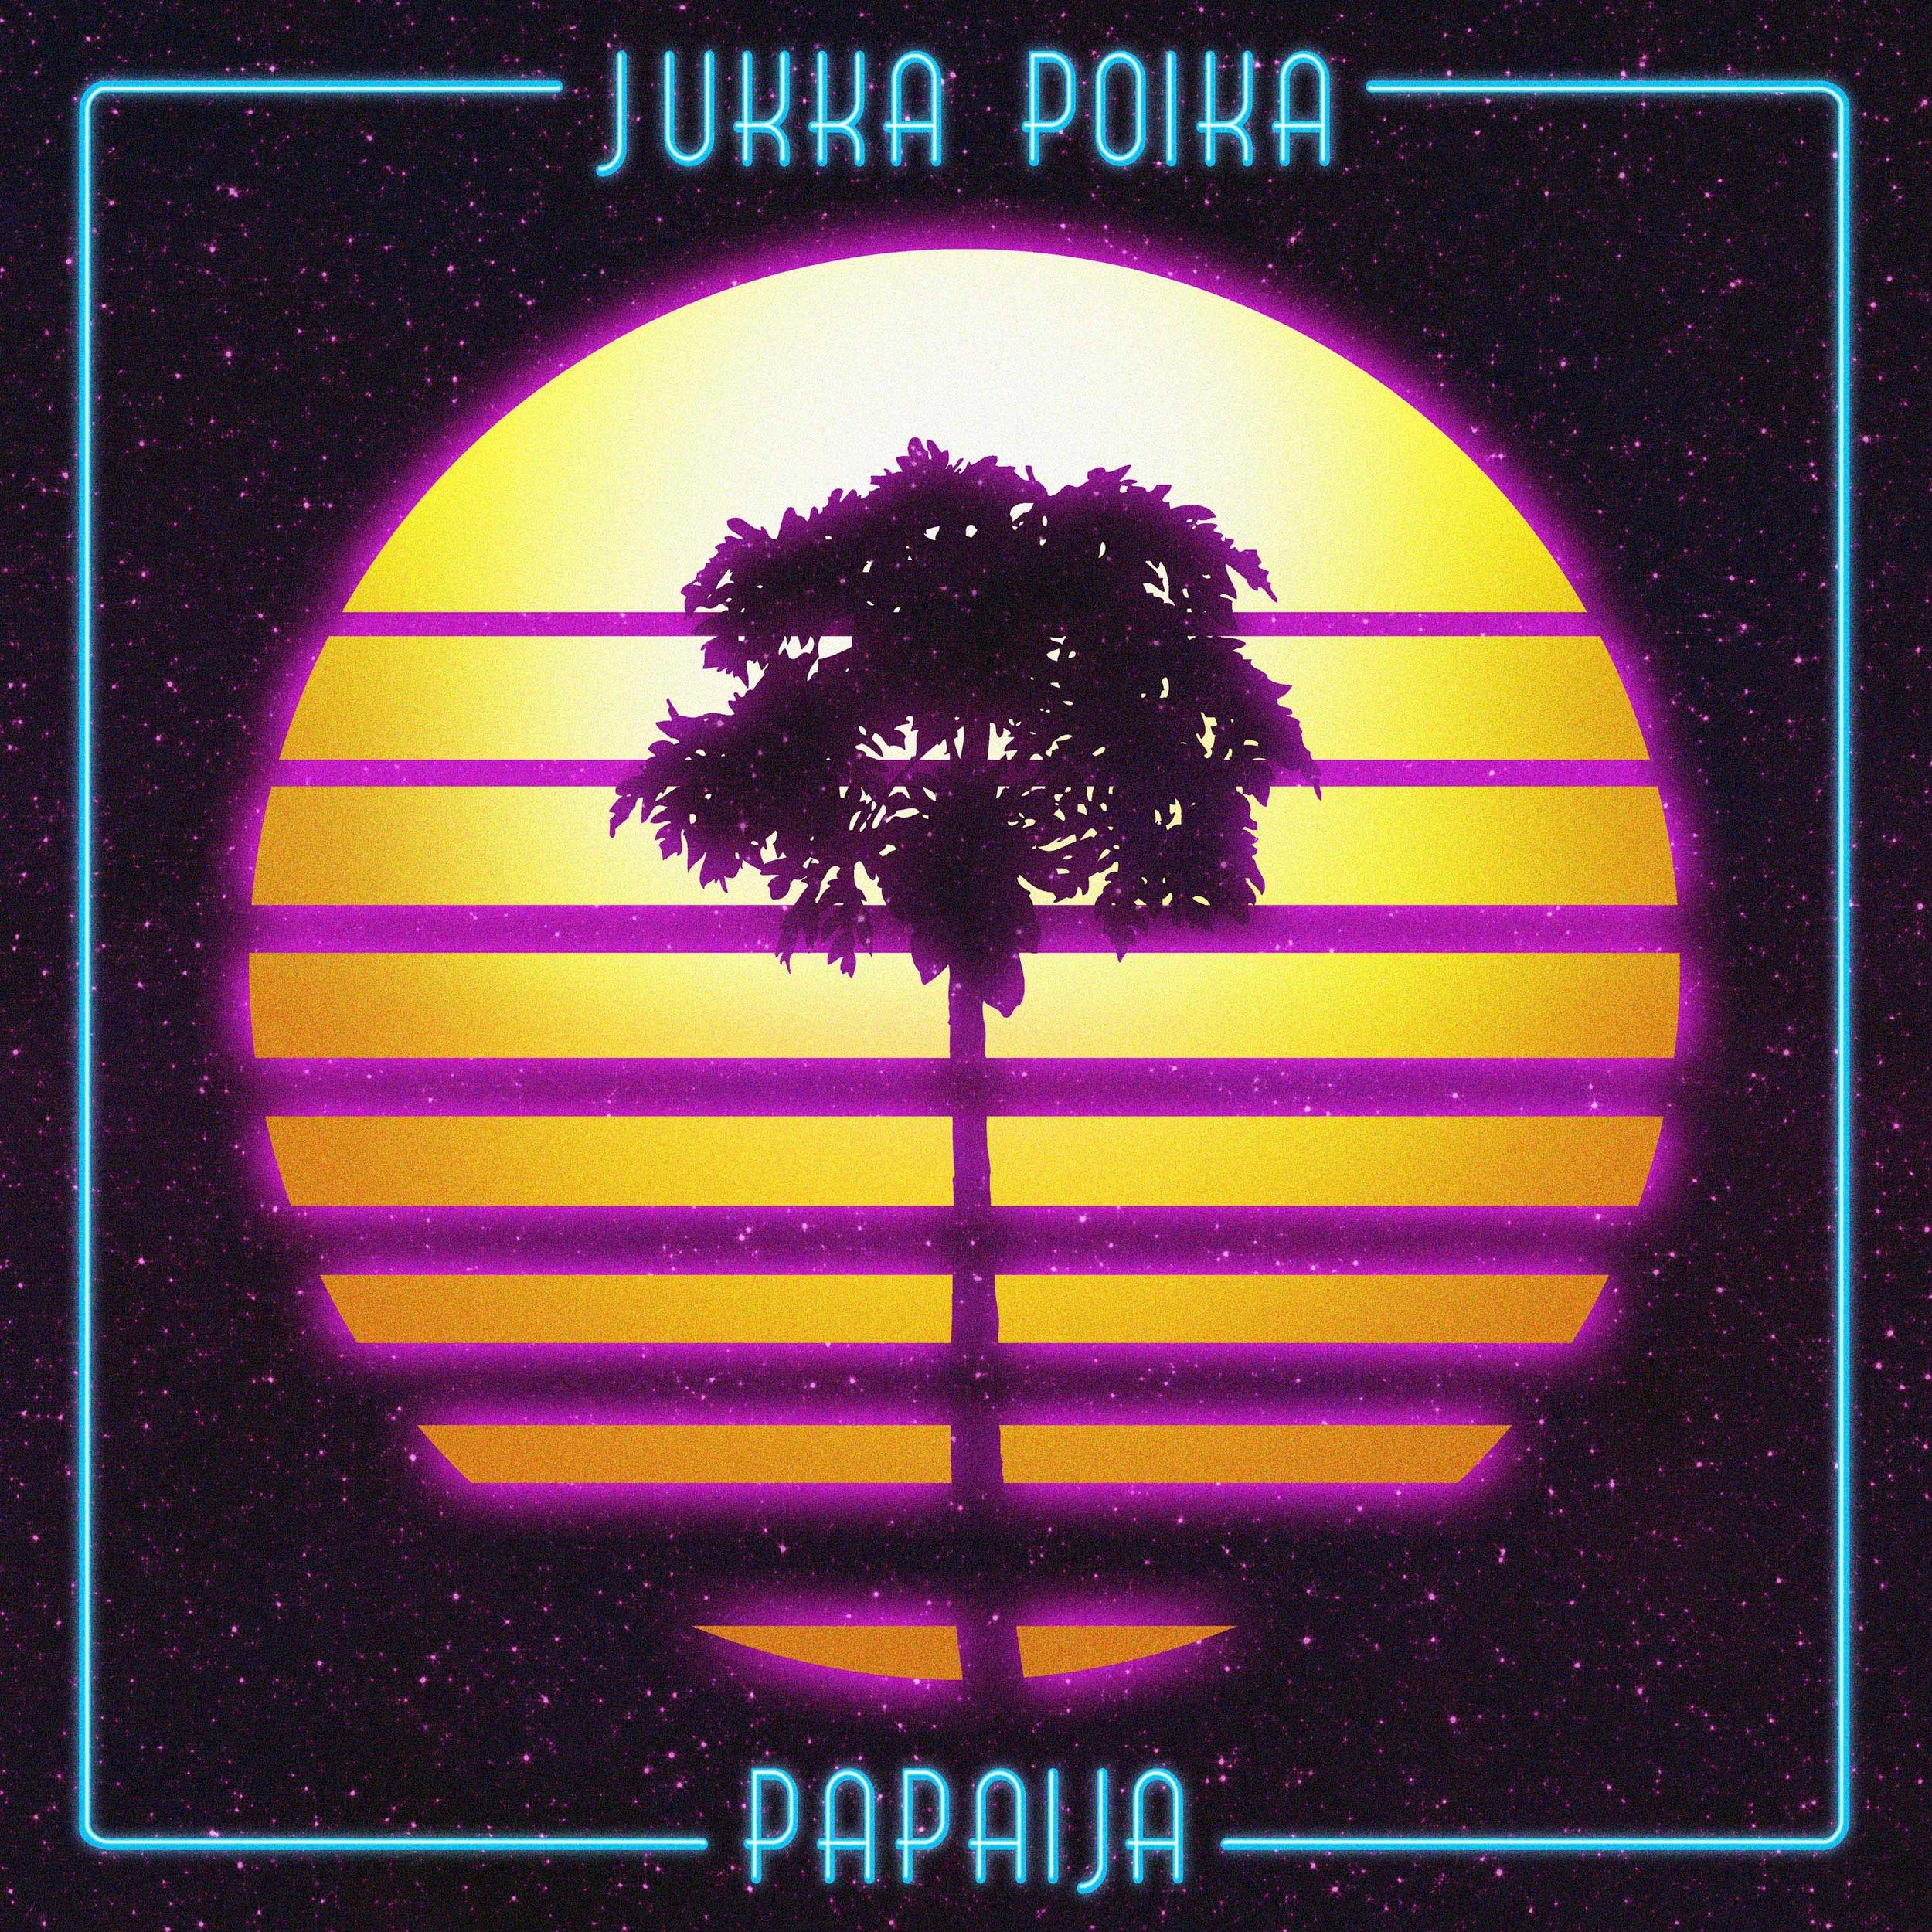 Jukka_Poika_Papaija_Kansi.jpg